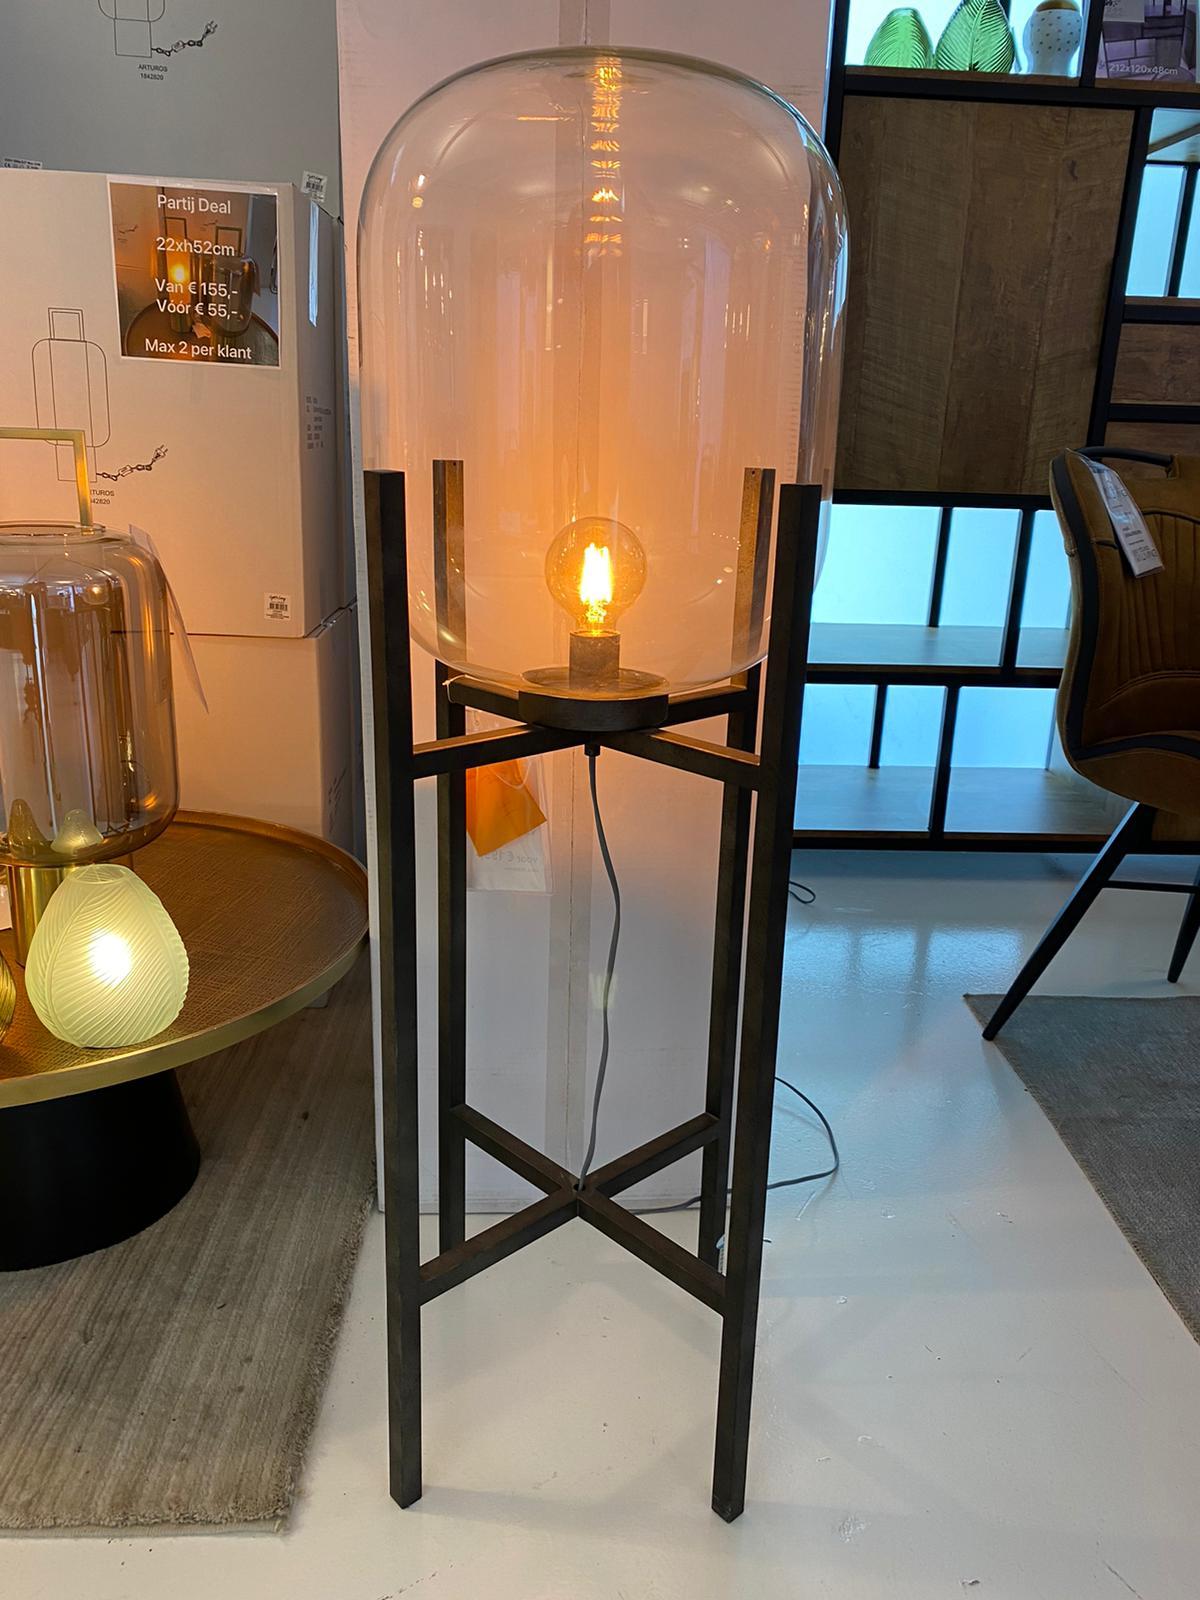 157. Lamp